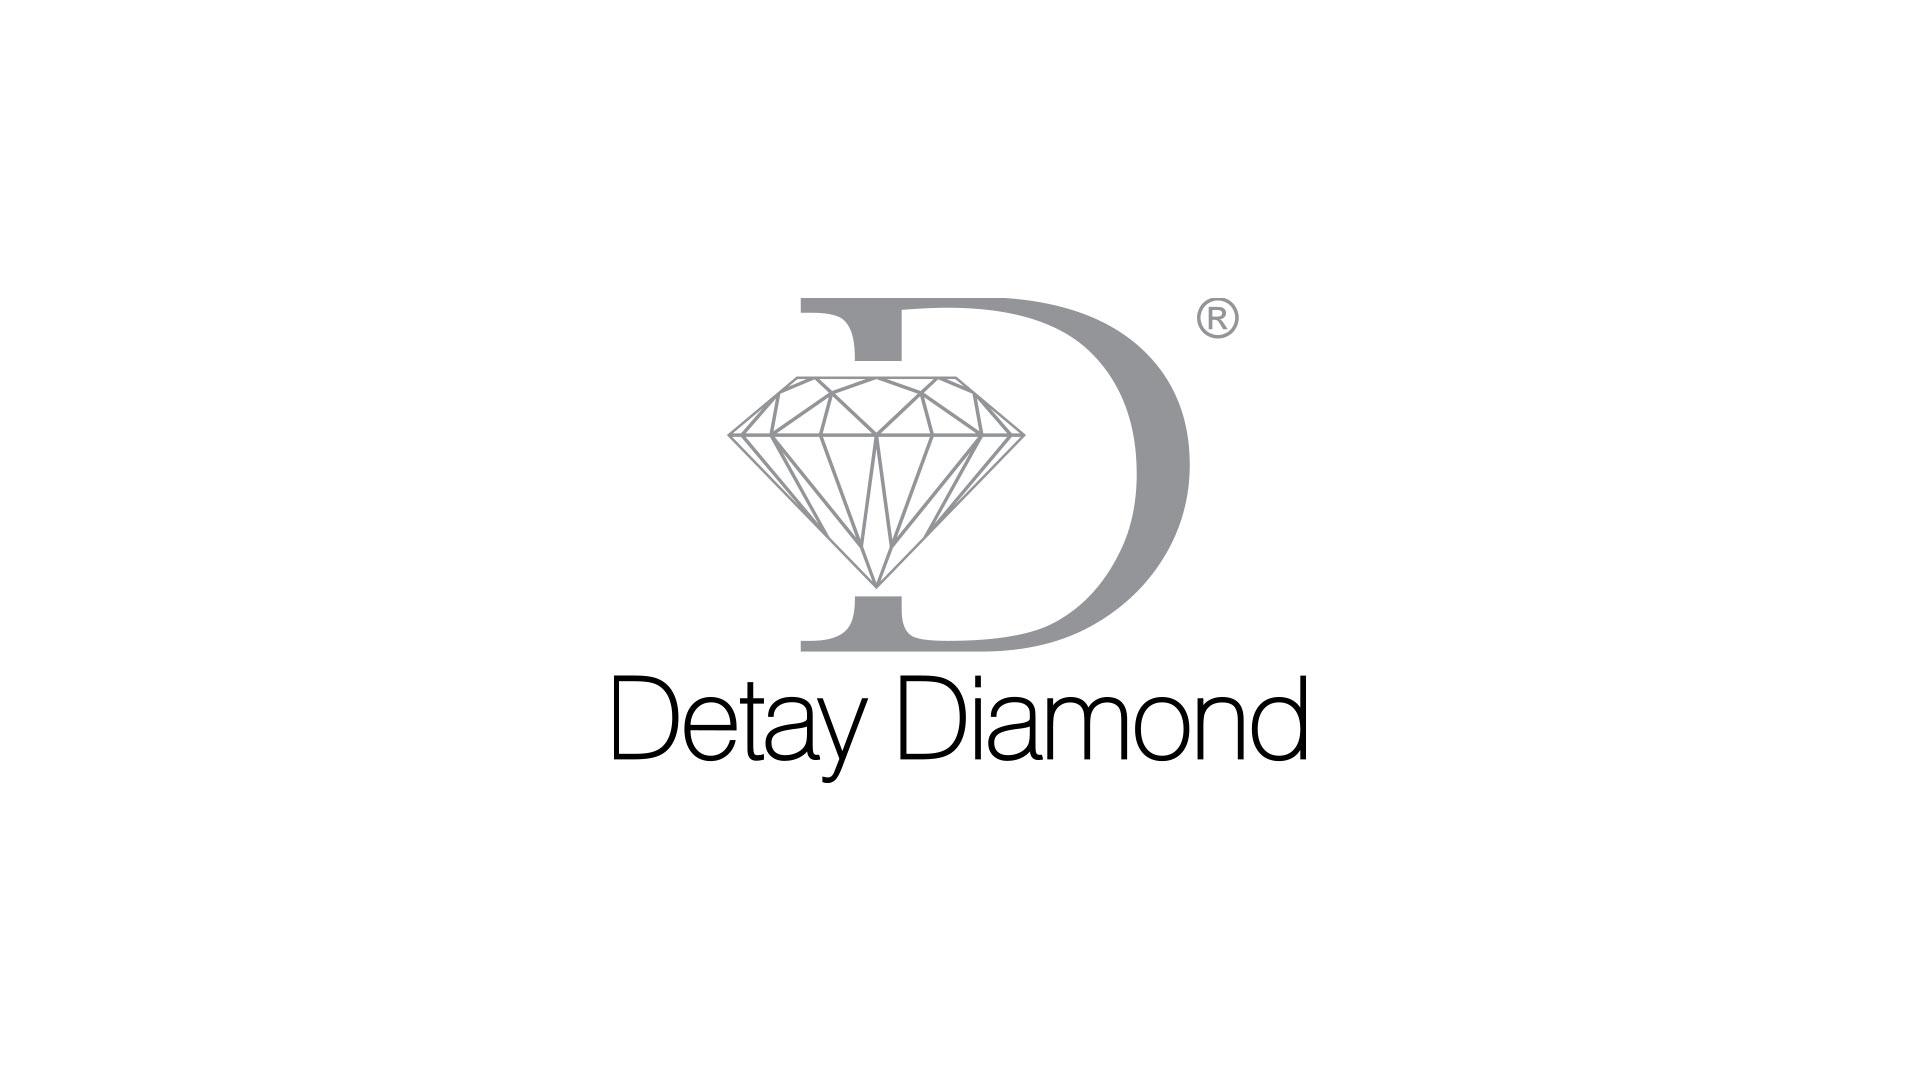 Detay Diamond